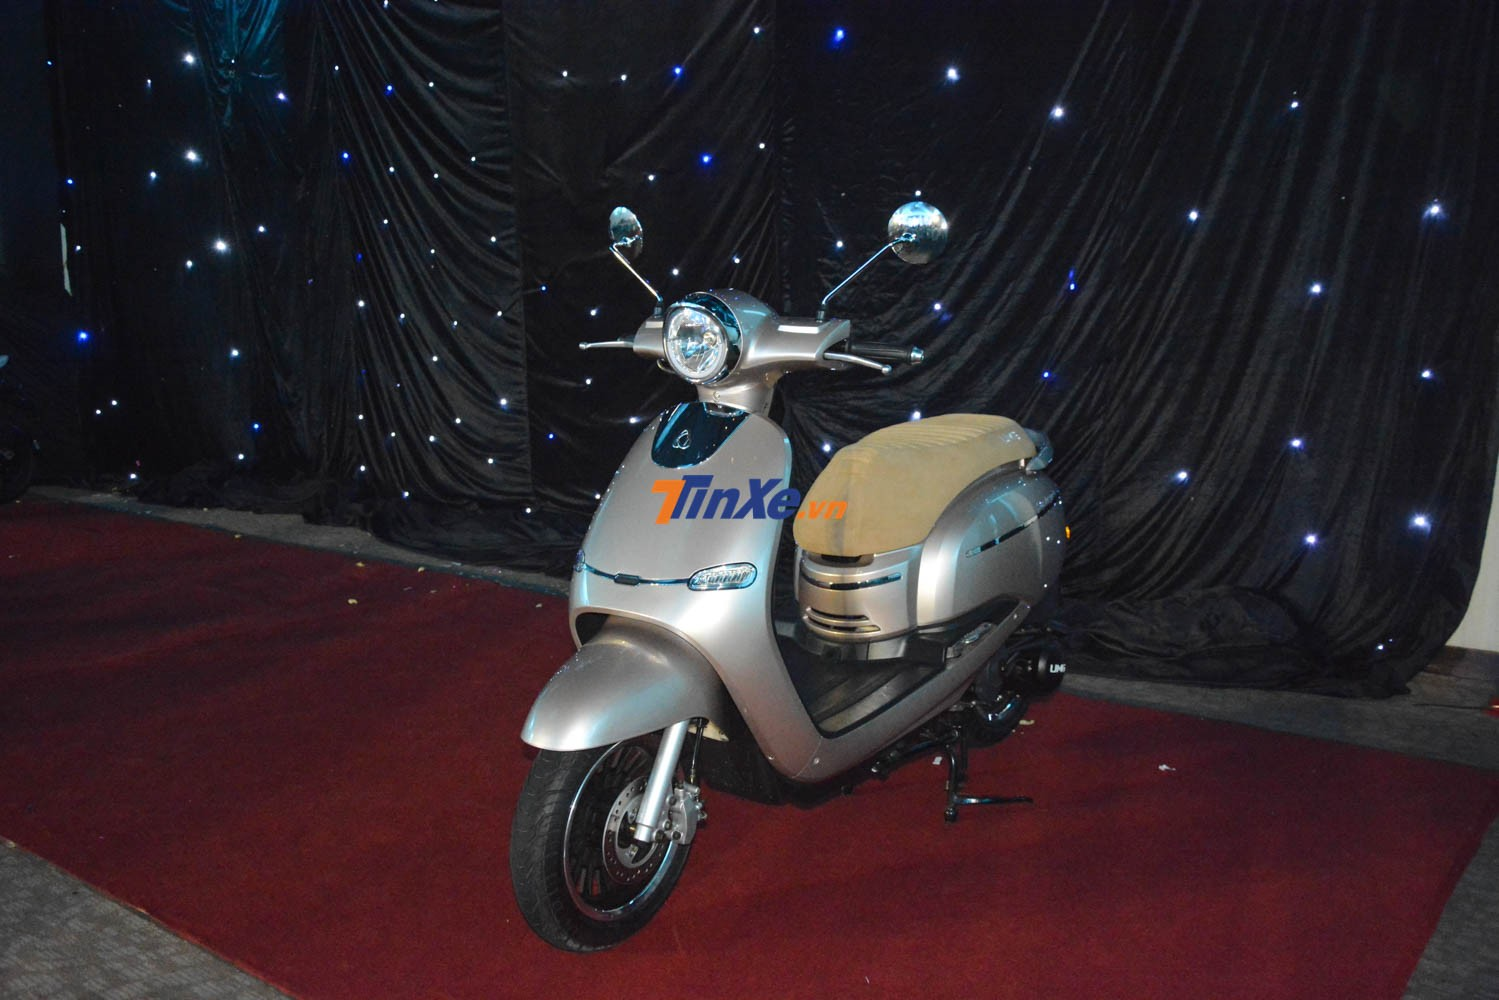 Với giá 32,6 triệu đồng, Selena 125cc còn cao hơn giá xe Honda Vission 110cc khoảng 2,6 triệu đồng